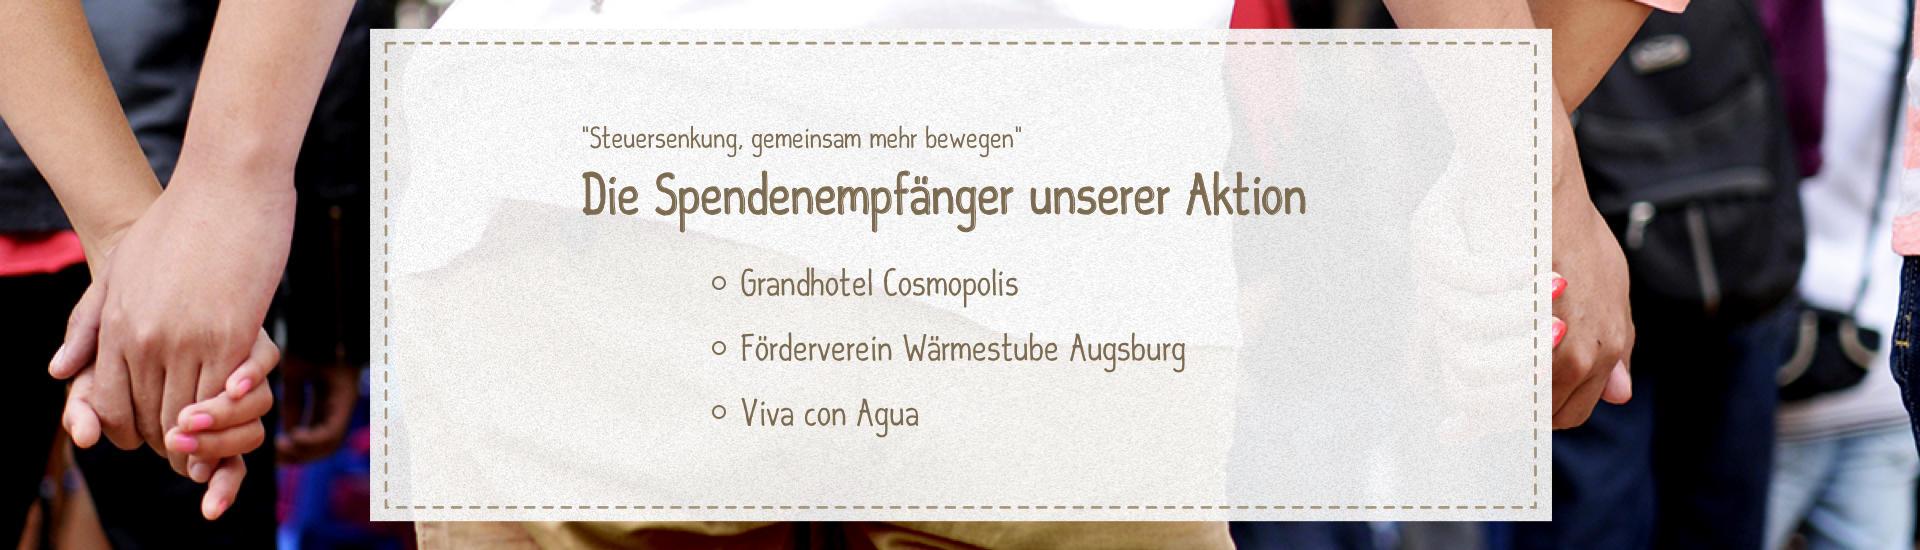 """Die Spendenempfänger unserer Aktion """"Steuersenkung - gemeinsam mehr bewegen"""""""